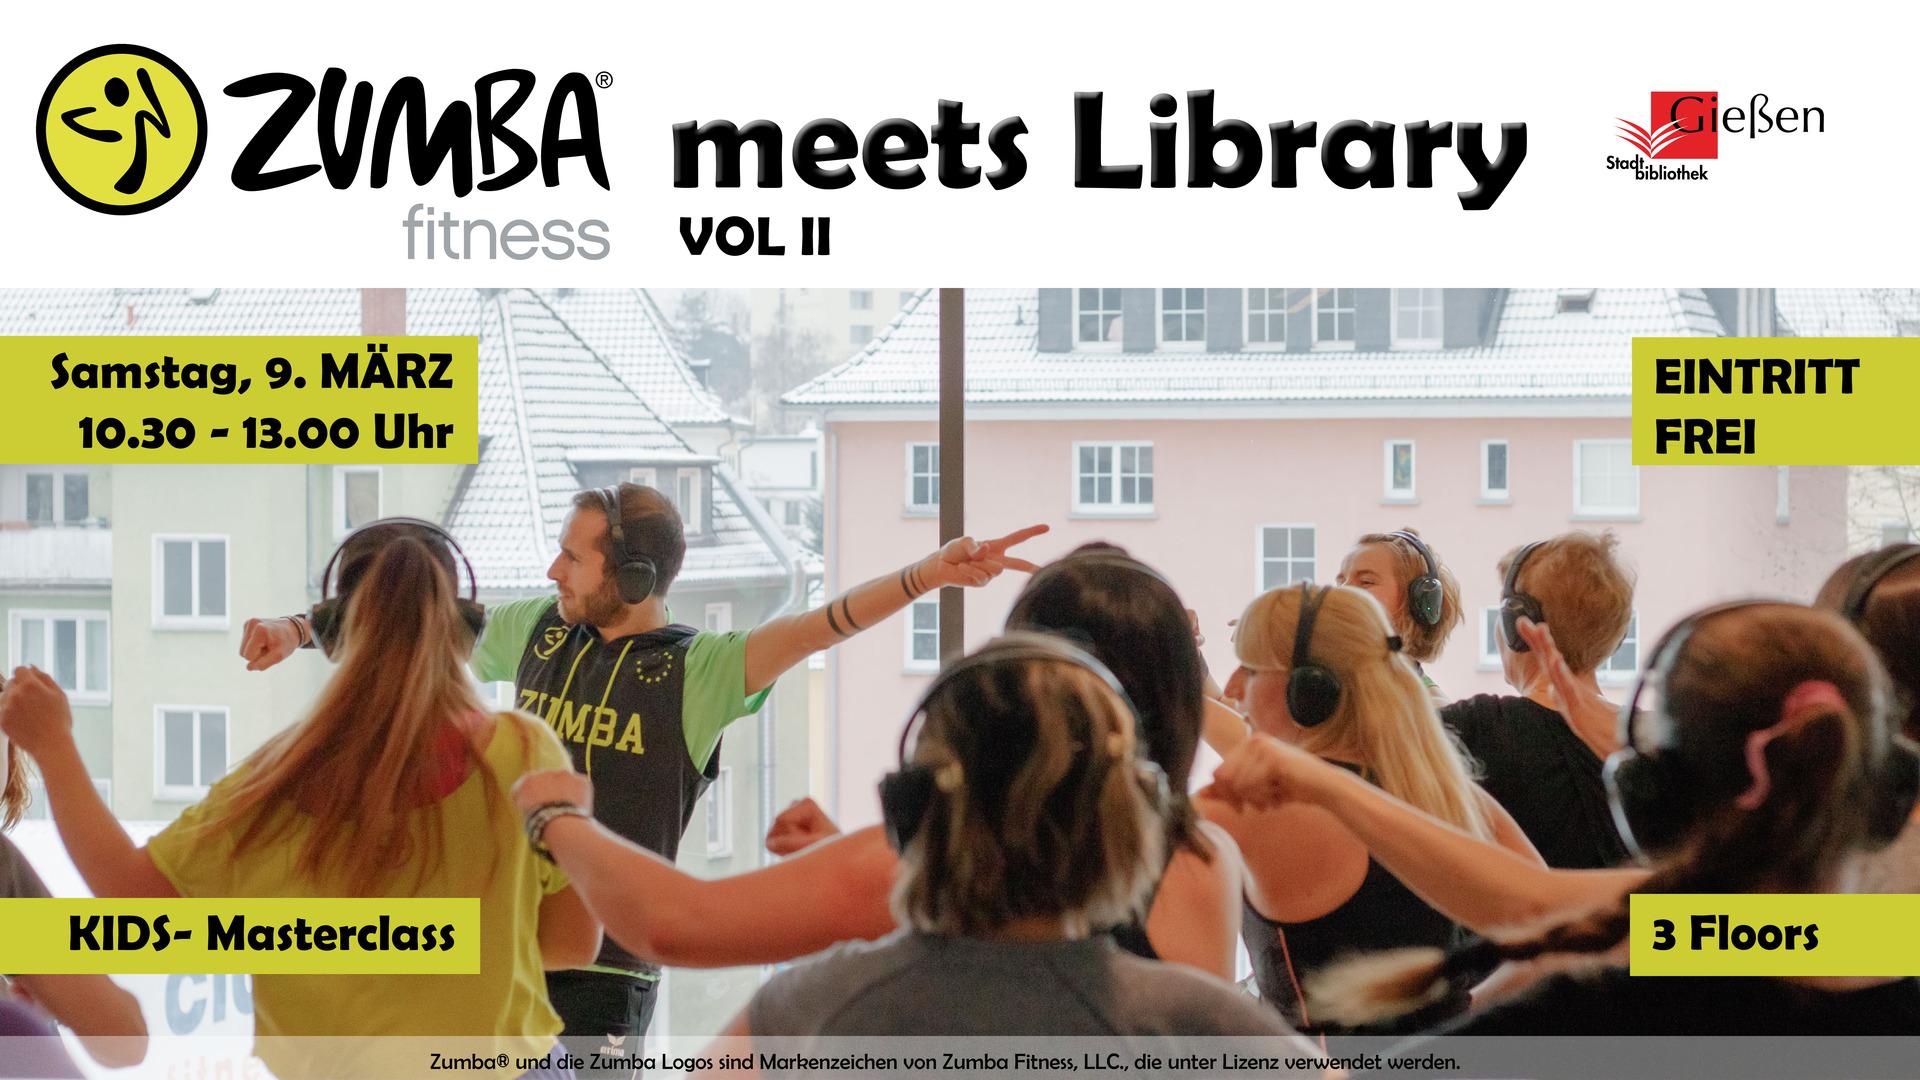 Zumba meets Library Vol. II - Veranstaltungsplakat